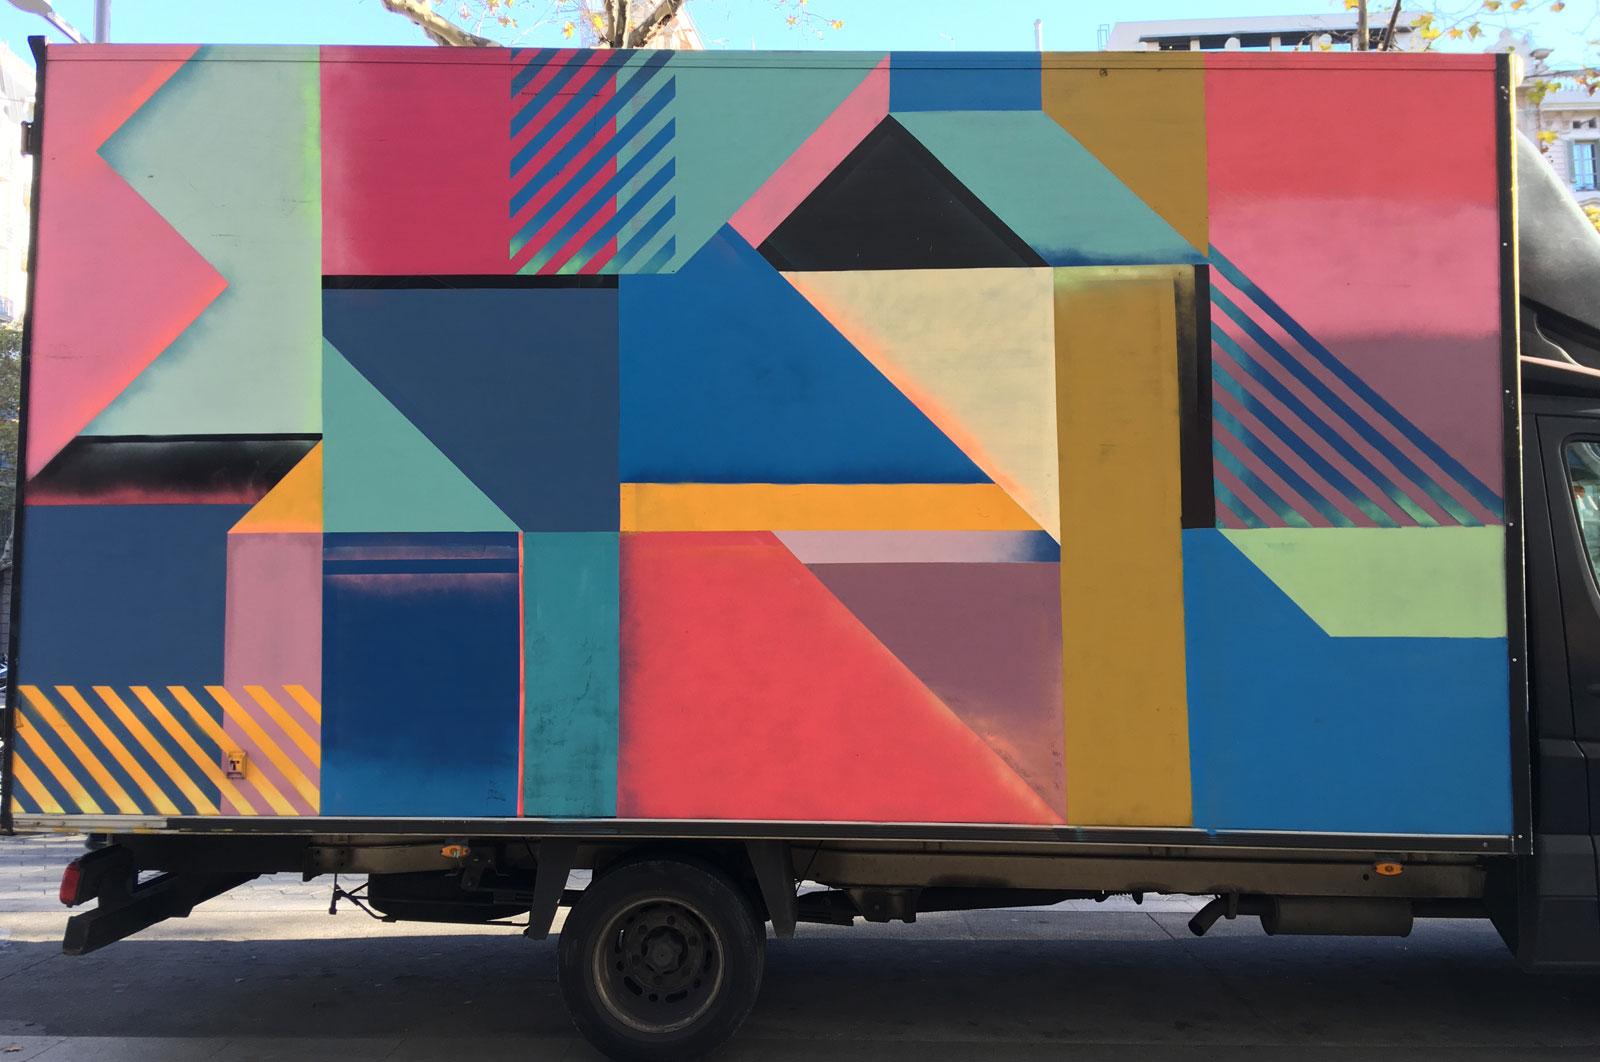 Camioneta en paseo de Gracia, Barcelona, noviembre 2017